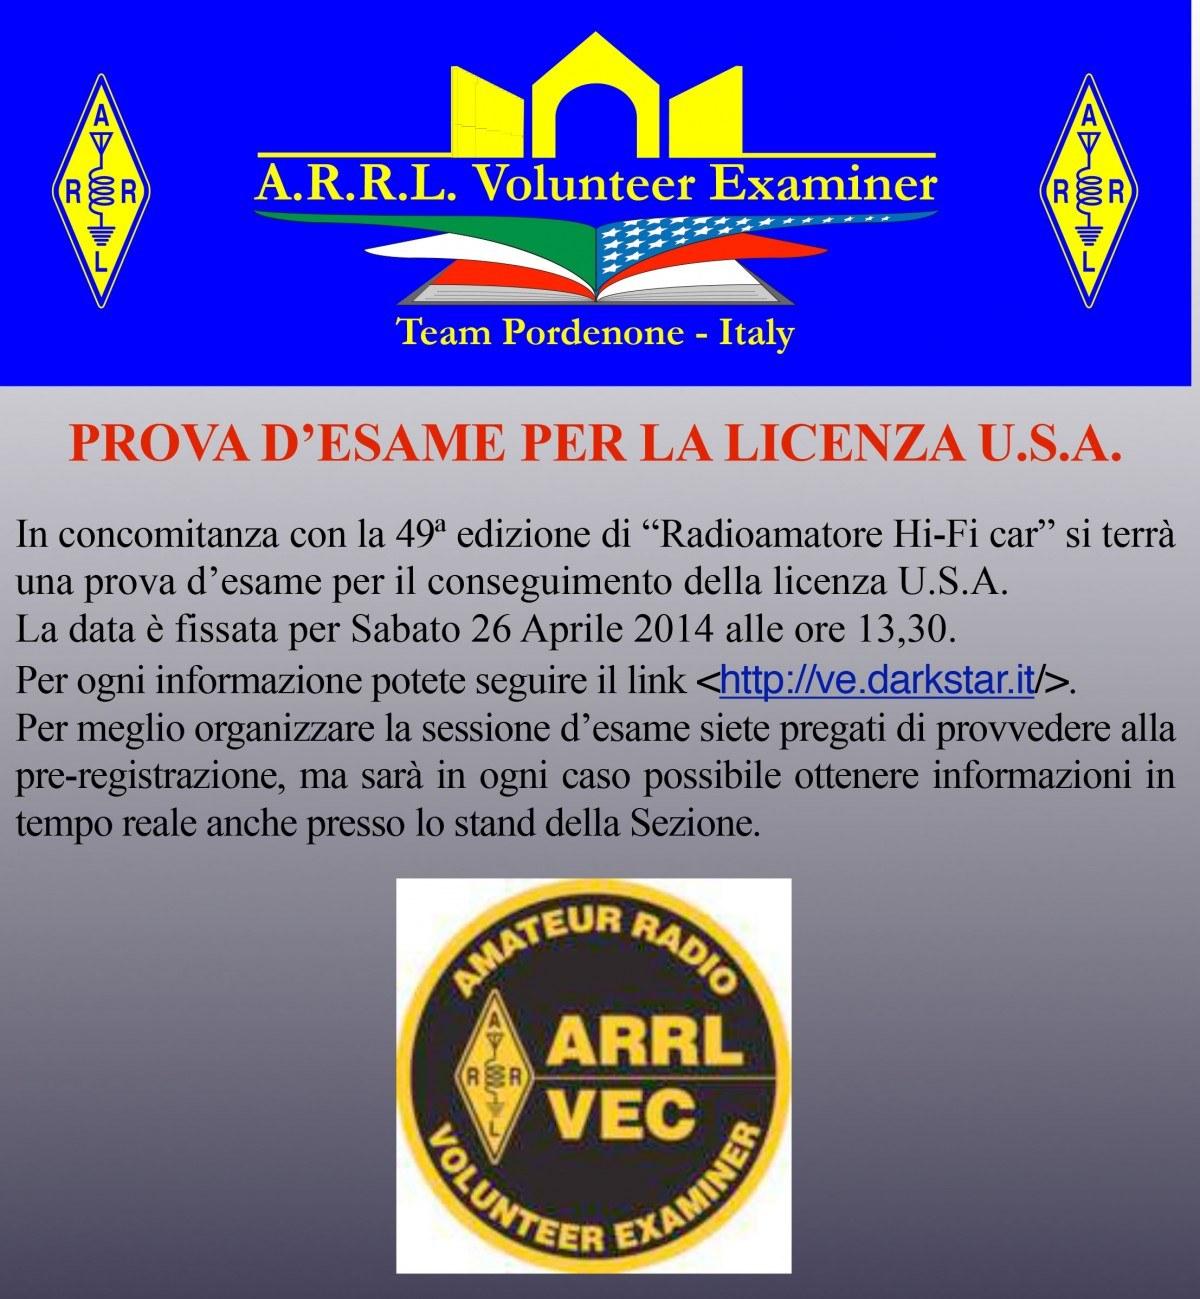 Esame VE 1200x1299 A.R.R.L. Volunteer Examiner   PROVA D'ESAME PER LA LICENZA U.S.A.